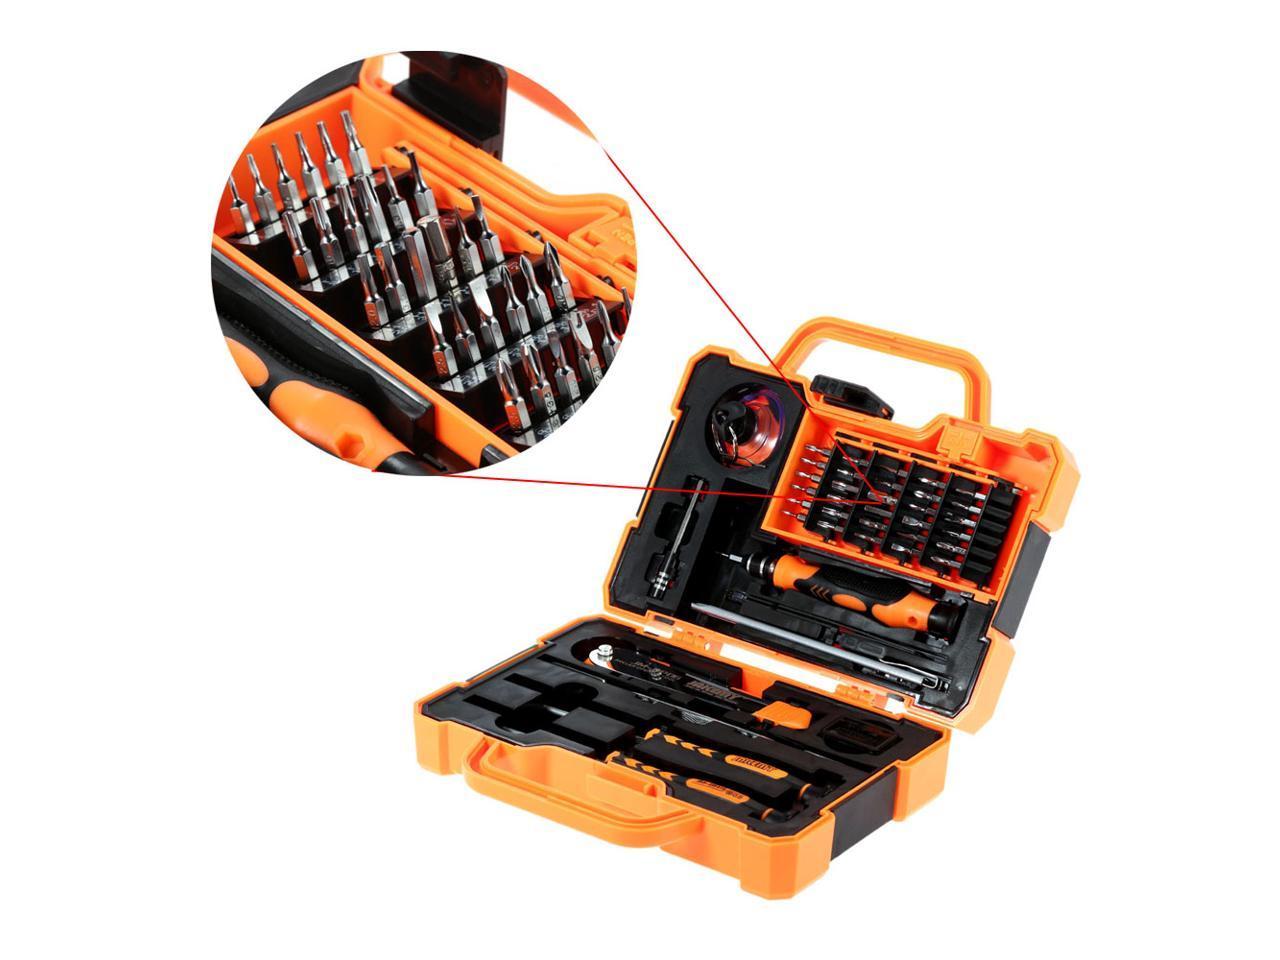 Deluxe Cell Phone Repair Tool Kits 6 in 1 Professional Durable Screwdriver Repair Open Tool Kit for iPhone 7 Repair Kits